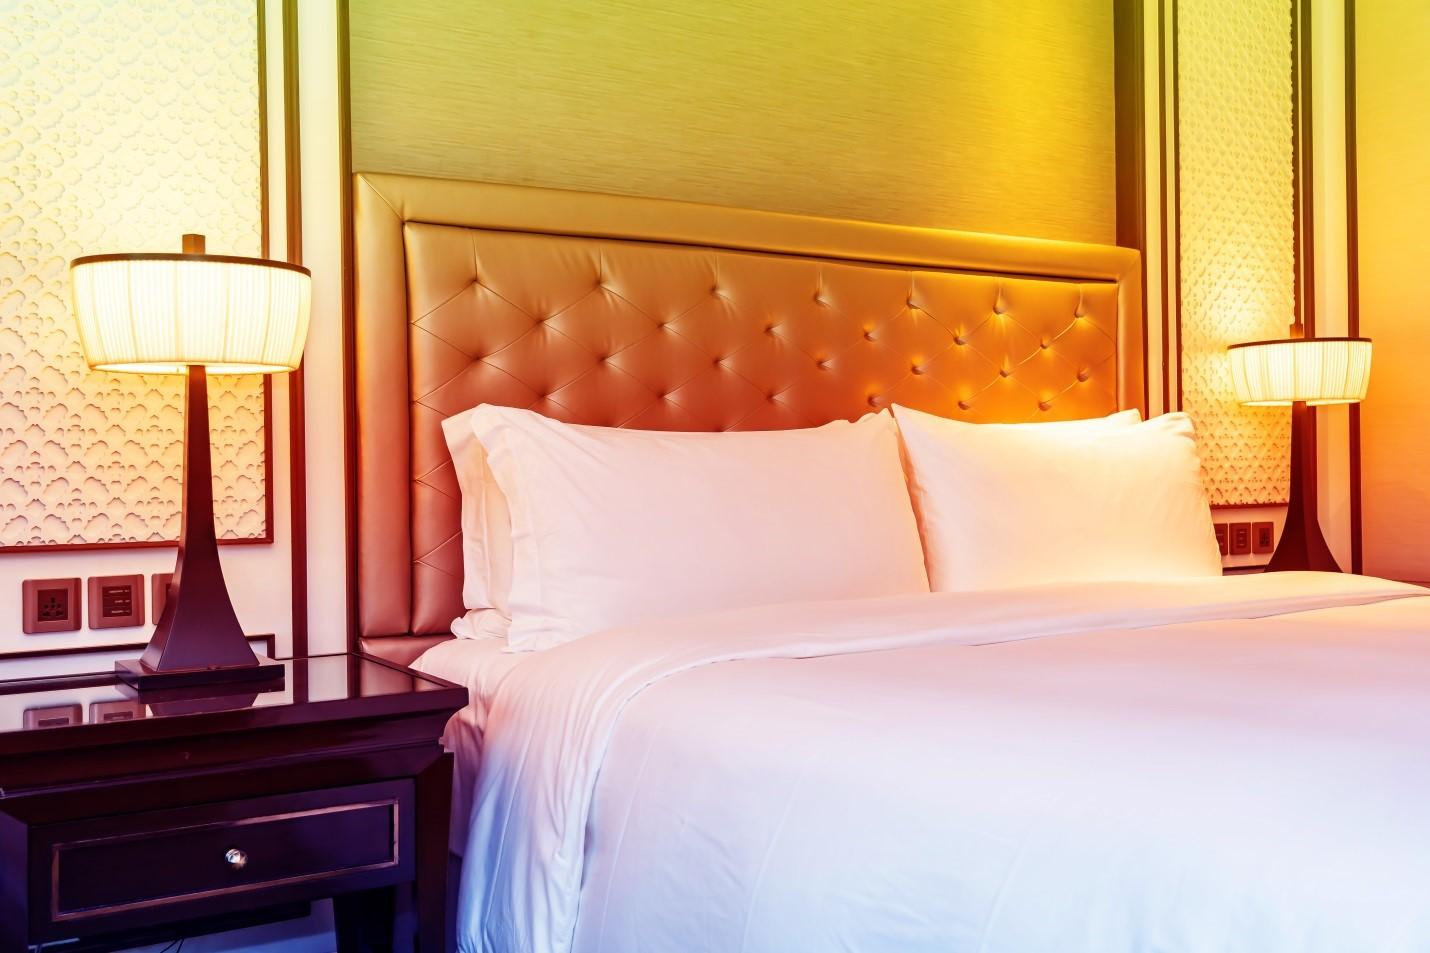 در دوران کرونا هتل مناسب را چگونه انتخاب کنیم؟